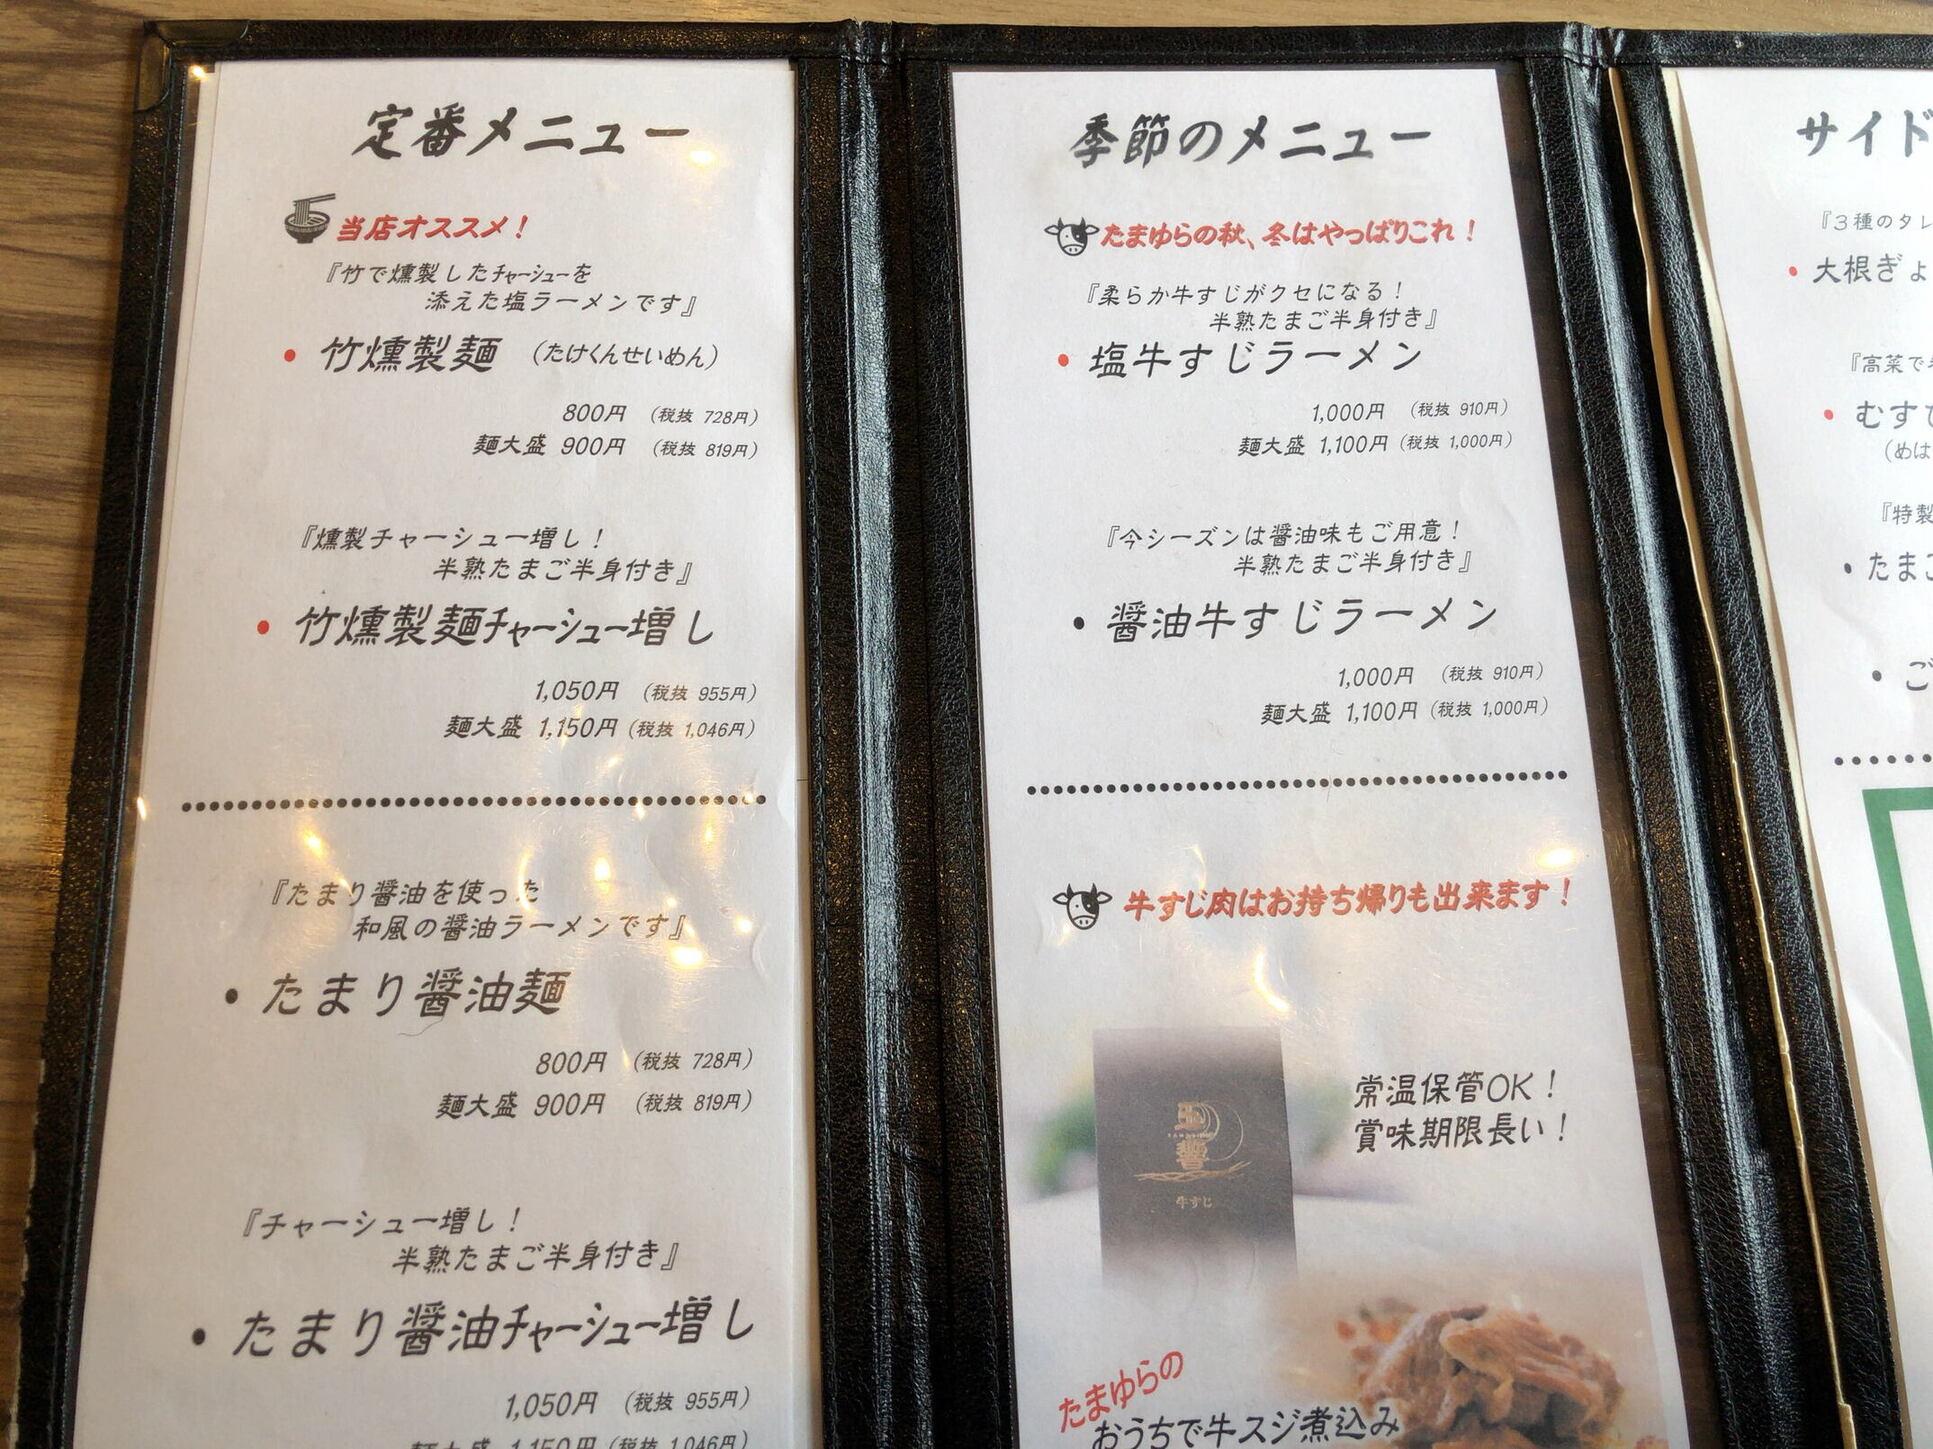 メニュー写真 : たまゆら 西尾店 - 西尾口/ラーメン [食べログ]